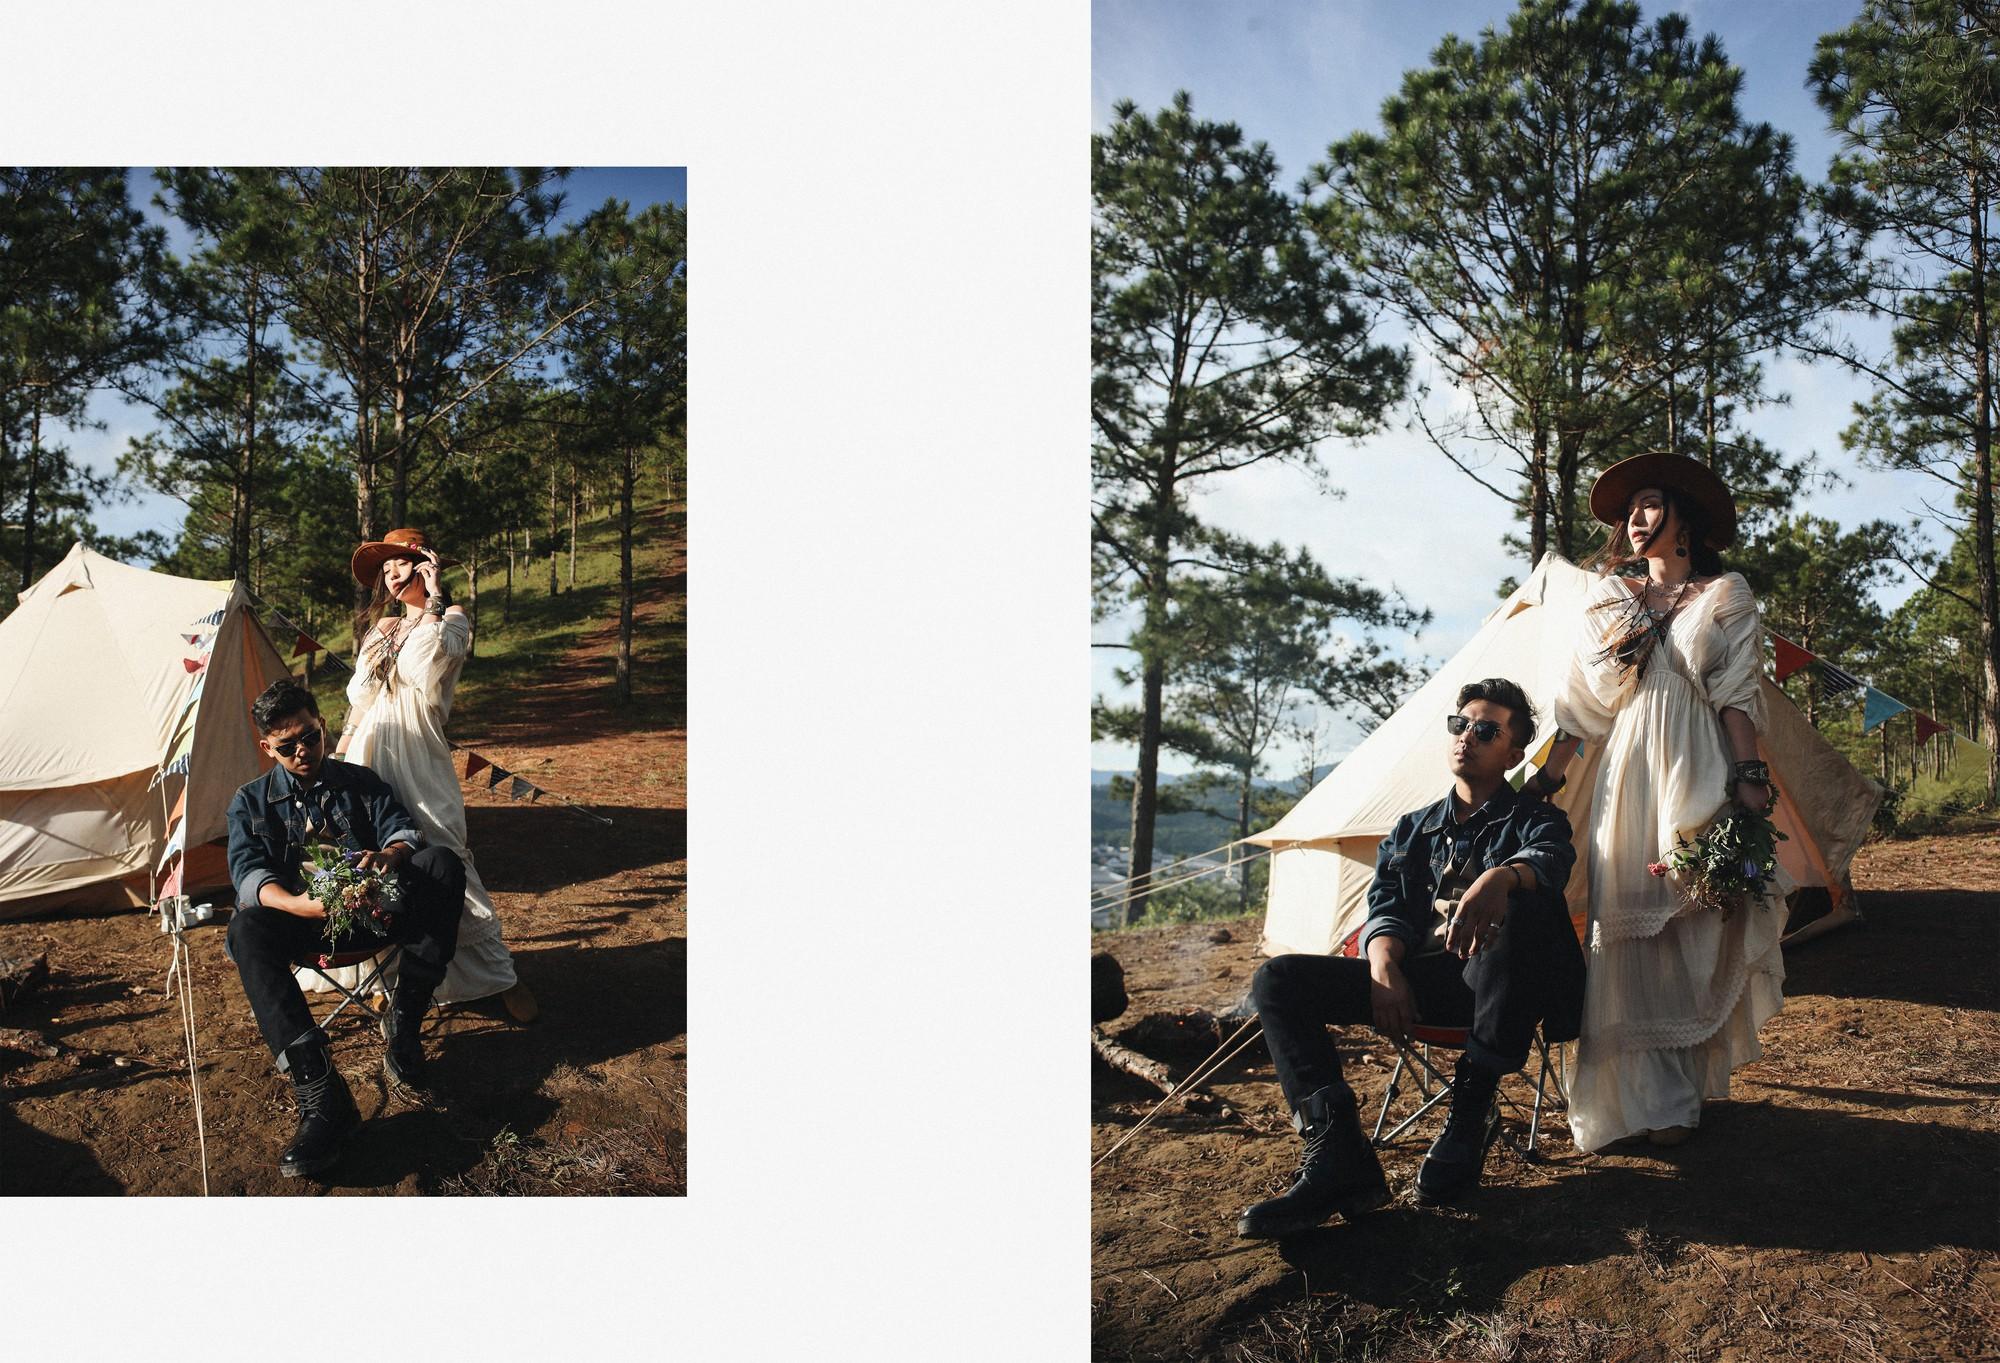 Trước hôn lễ vài ngày, cuối cùng MiA cũng hé lộ loạt ảnh cưới đẹp như MV khiến dân tình ngất ngây - Ảnh 4.